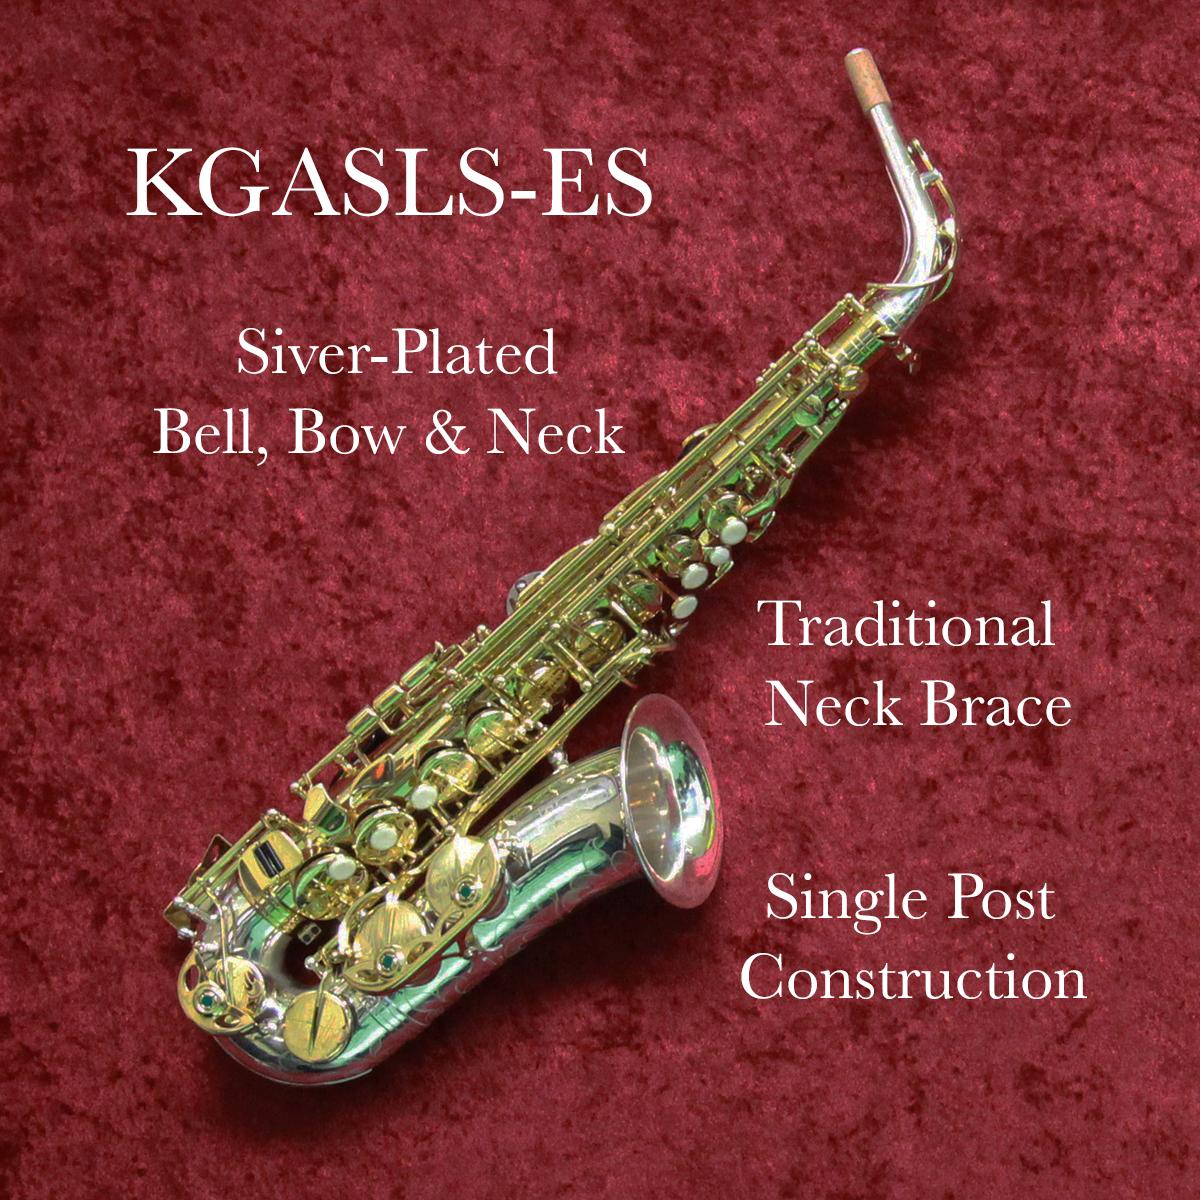 KGASLS-ES 6.1